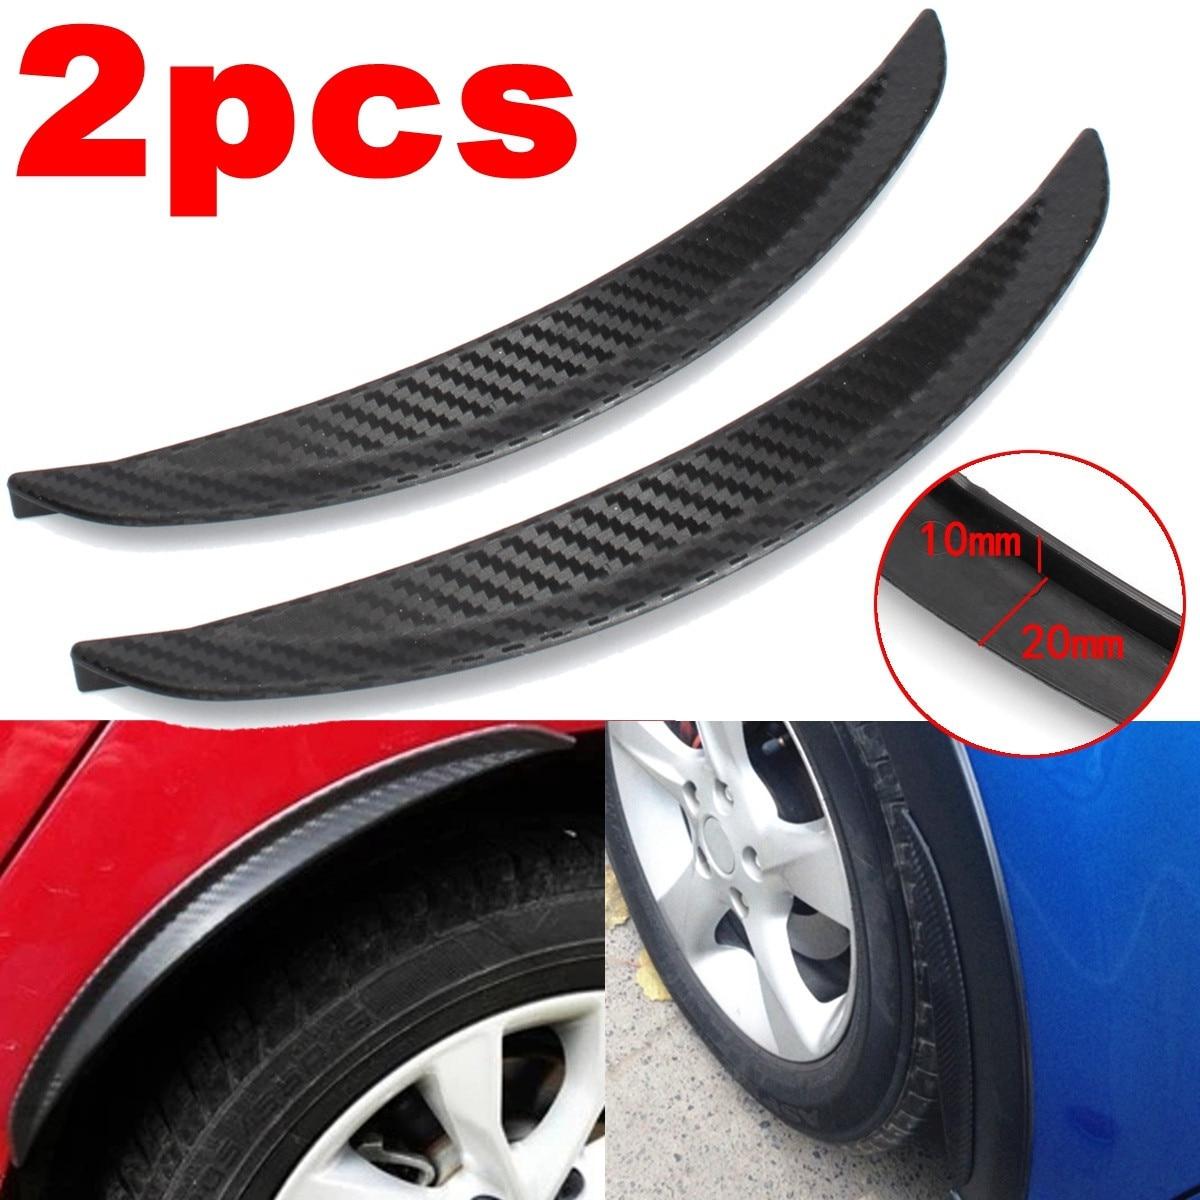 2pcs 24.5 centimetri Universale In Fibra di Carbonio Auto Parafanghi Mud Flaps Paraspruzzi Arco Ruota Sopracciglio Del Labbro Per Auto camion SUV